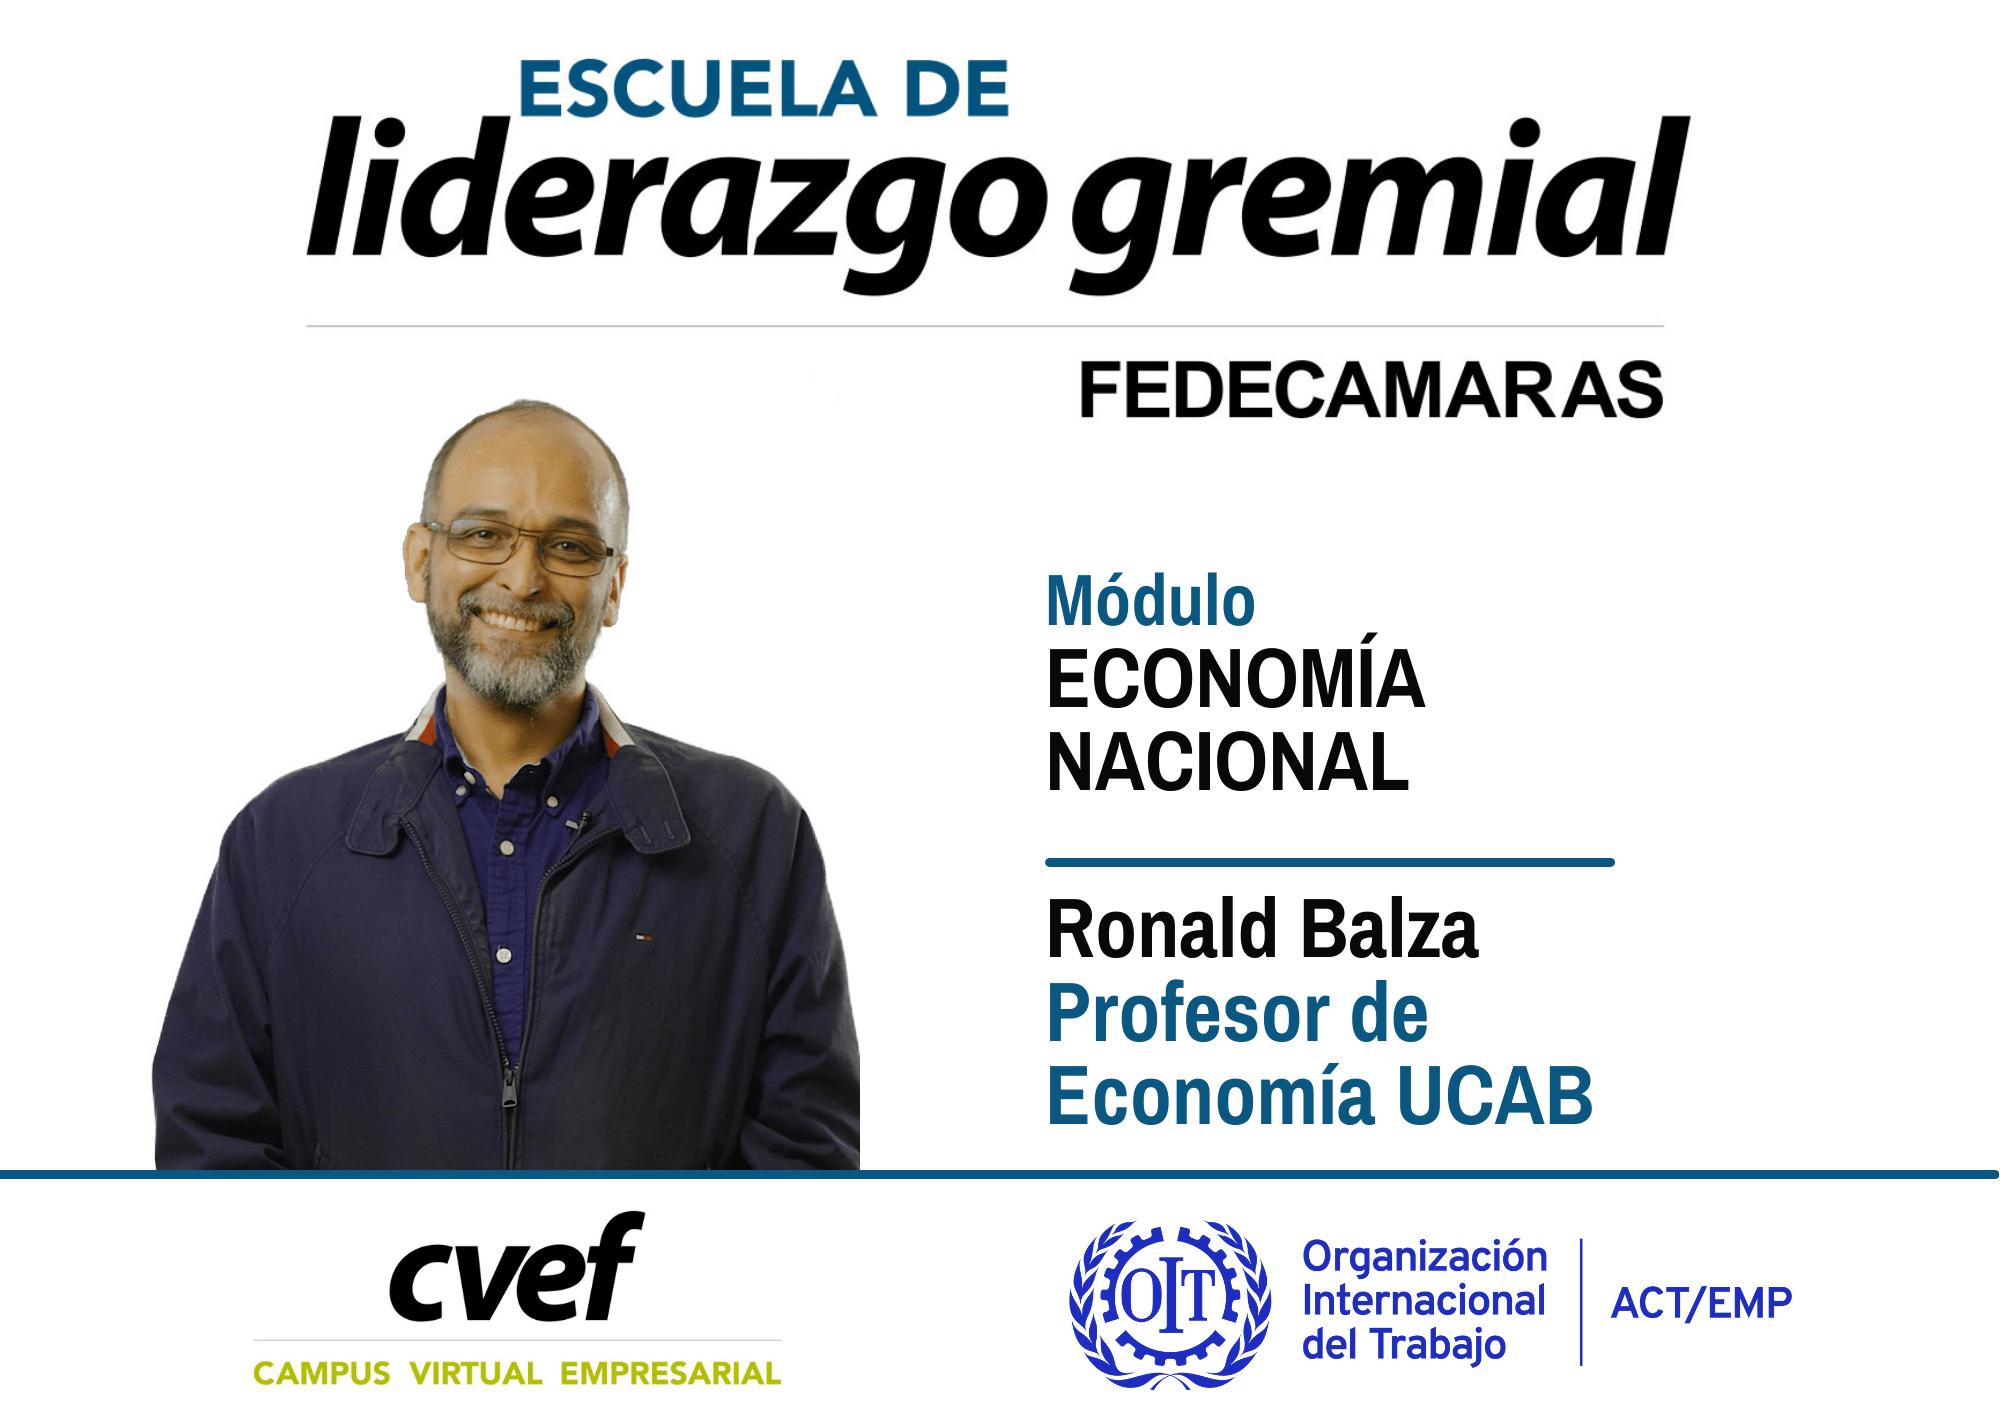 Ronald Balza